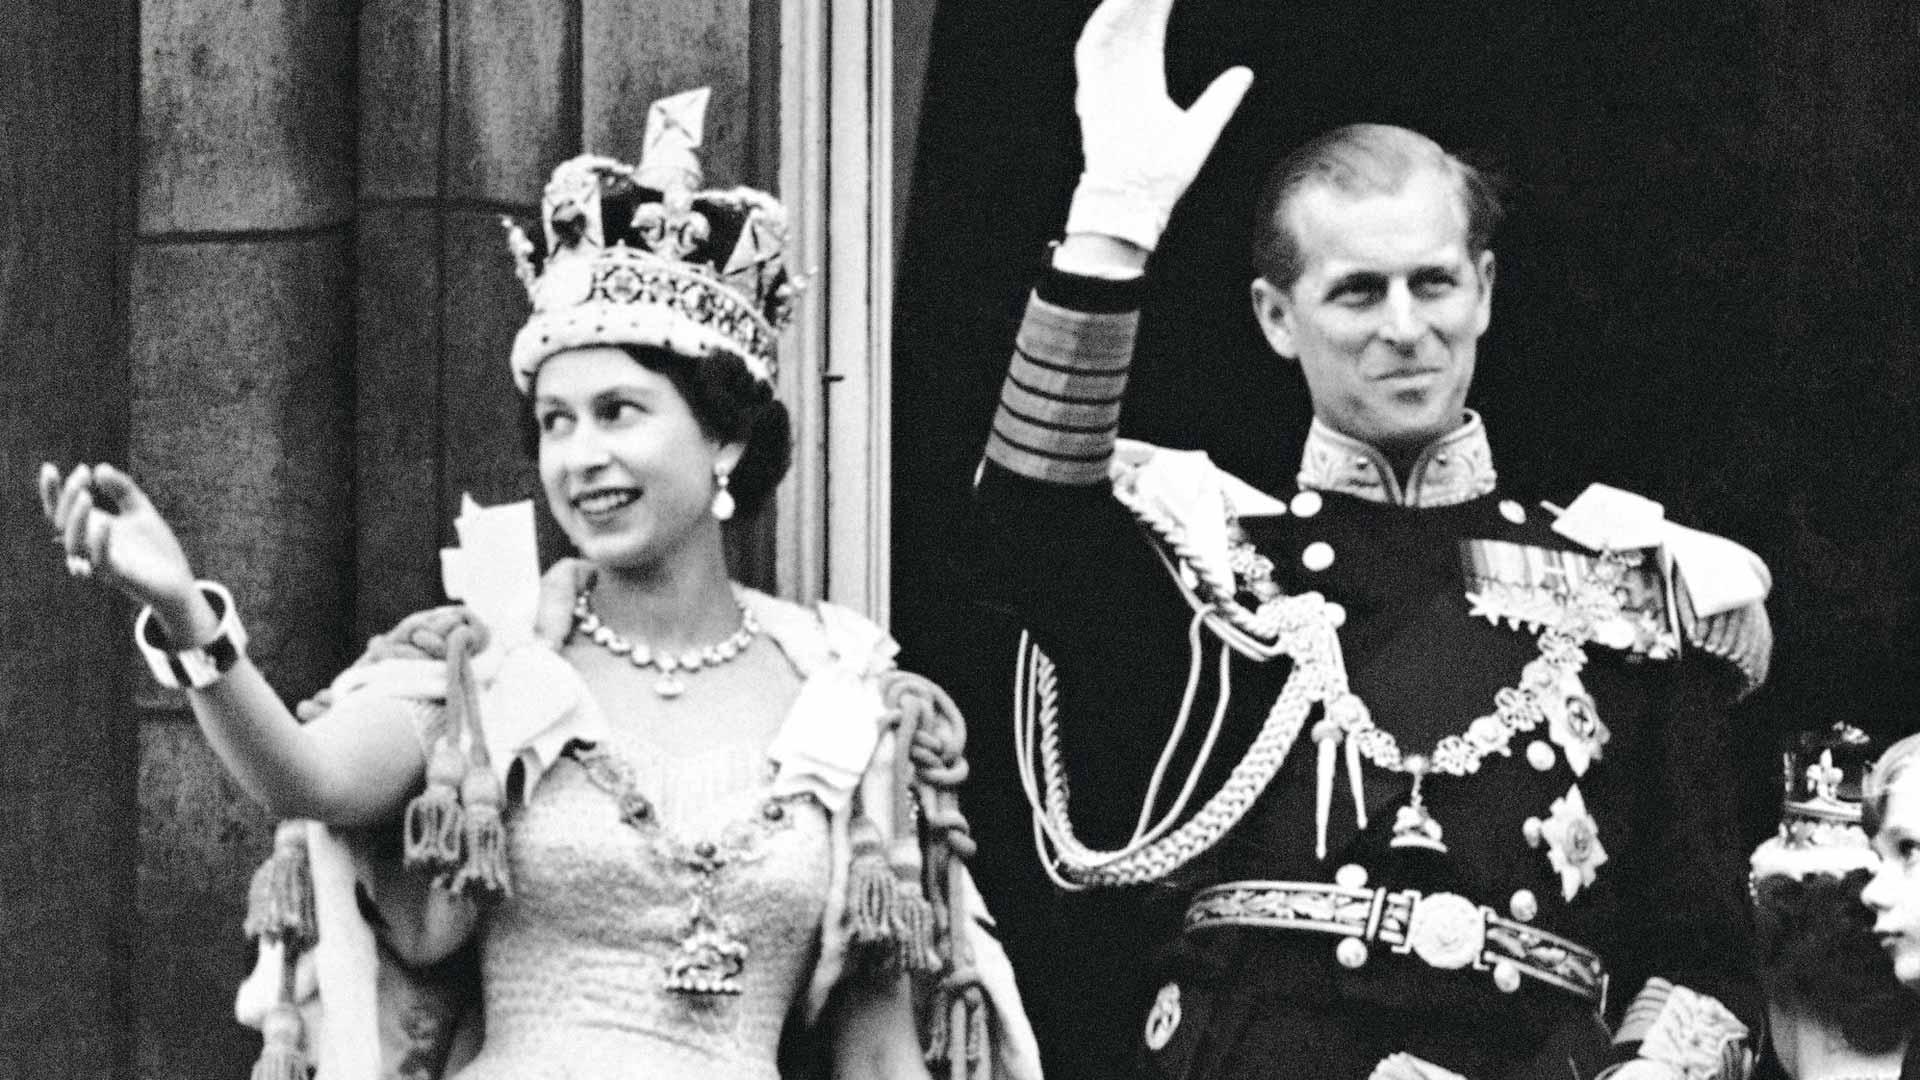 Kuningatar Elisabet kruunajaisissaan vuonna 1953 vierellään Edinburghin herttua Philip. Elisabet antoi miehelleen prinssin arvon vuonna 1957.